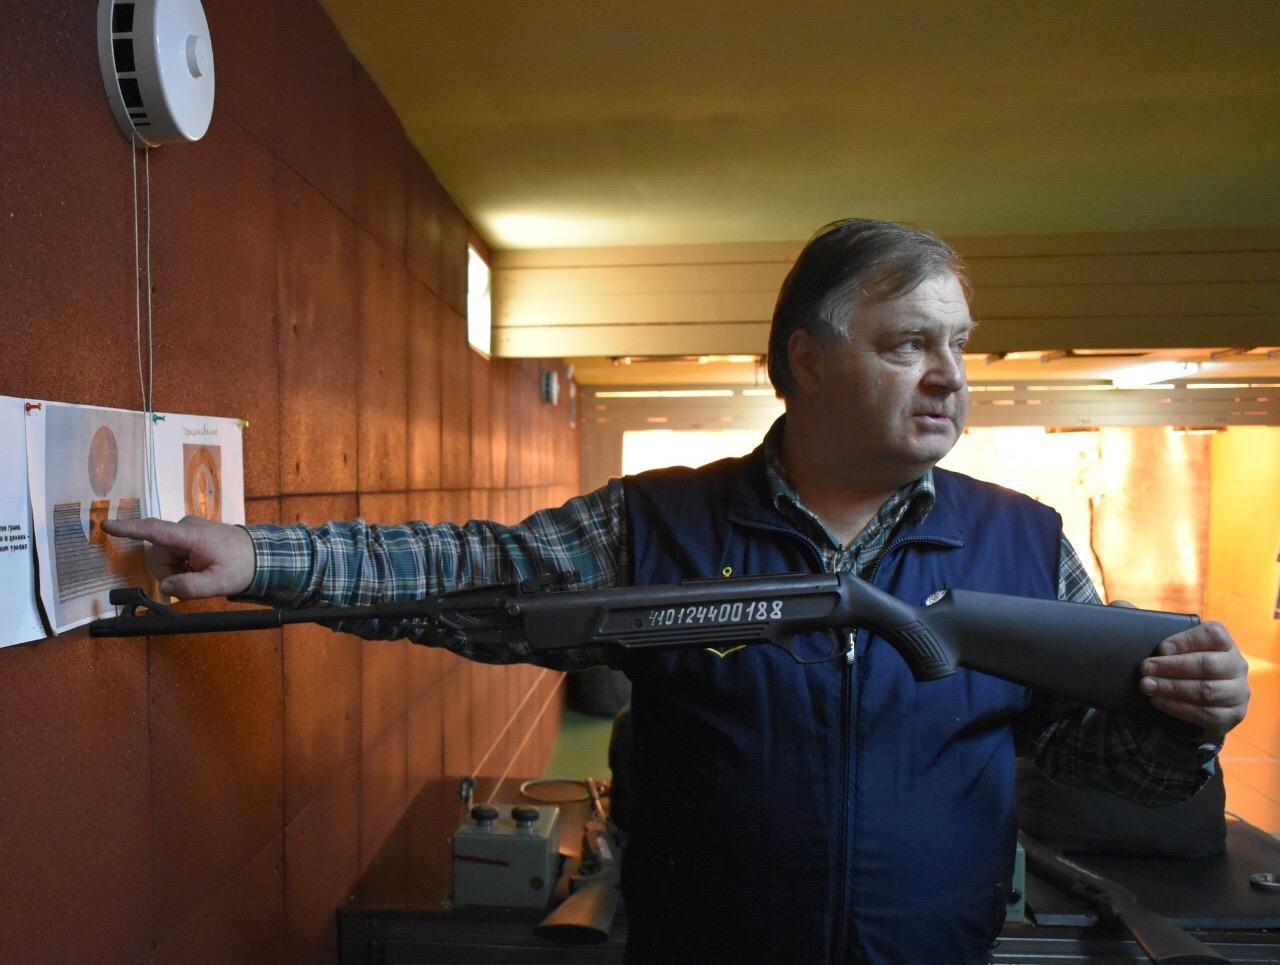 Крылов Дмитрий Георгиевич